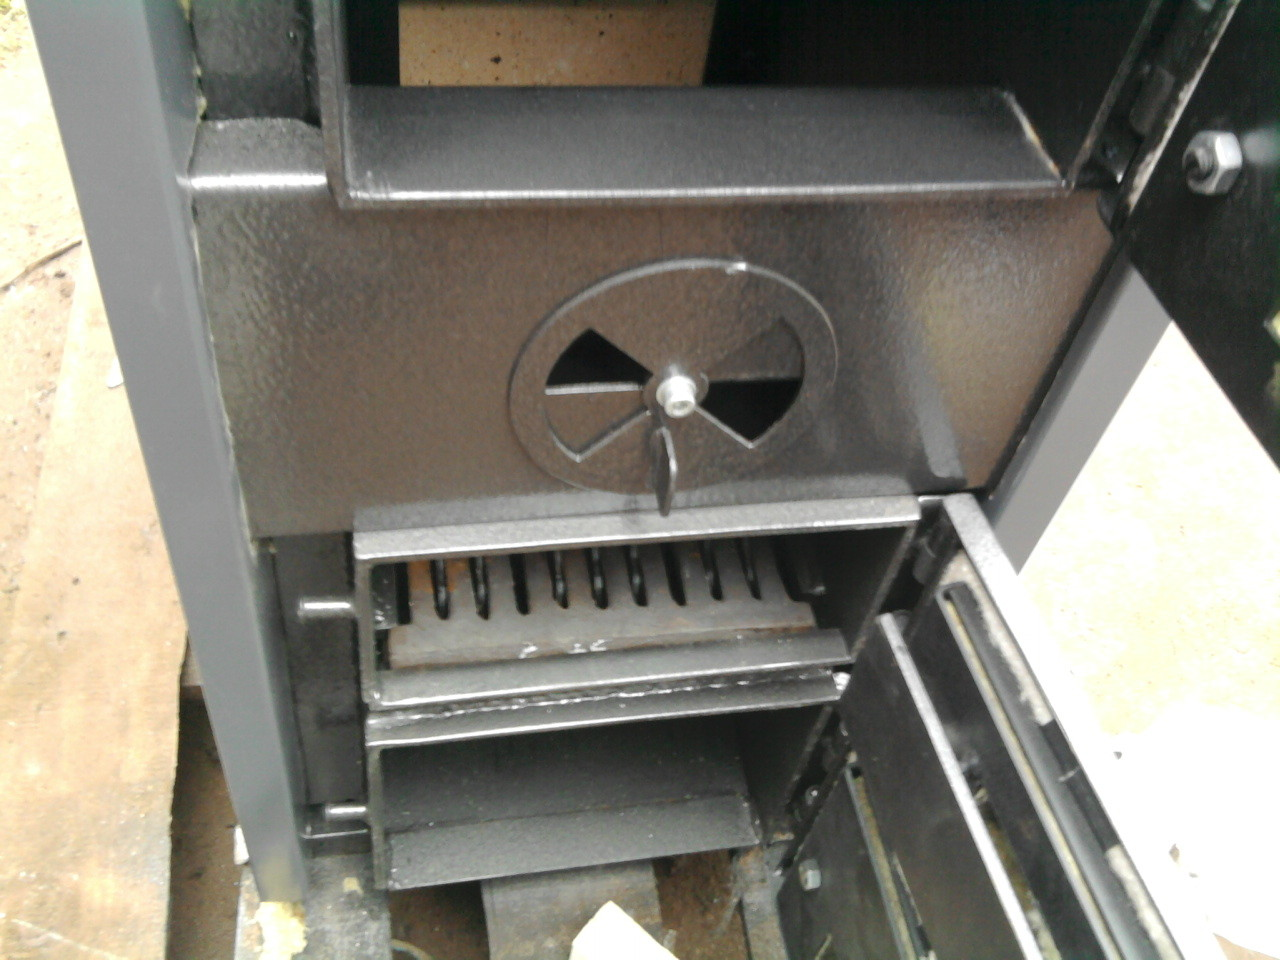 KUS-I zwymiennikiem płomieniówkowym (rozeta powietrza wtórnego)